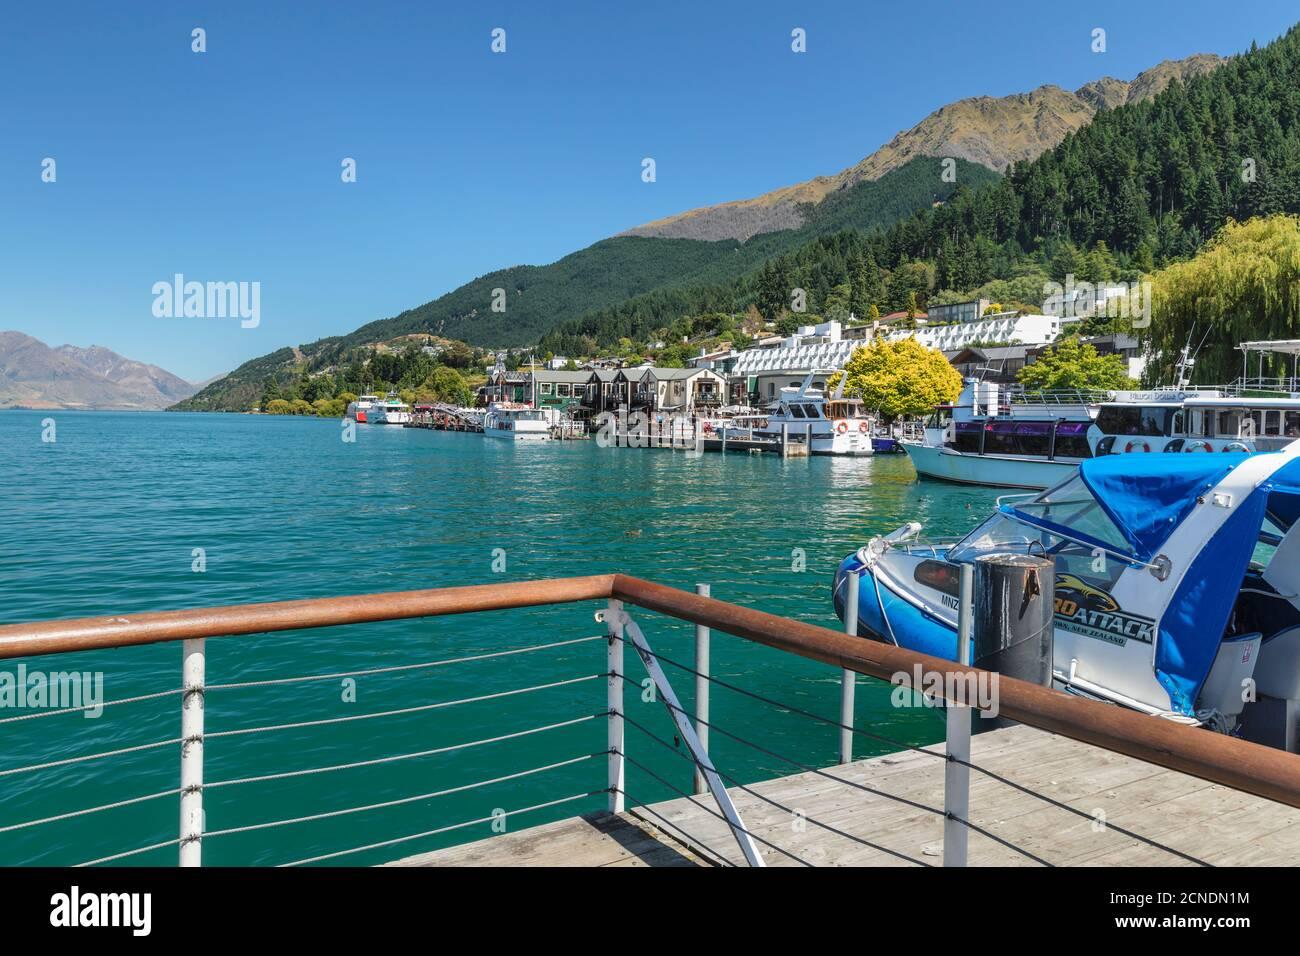 Queenstown, Lac Wakatipu, Otago, Île du Sud, Nouvelle-Zélande, Pacifique Banque D'Images